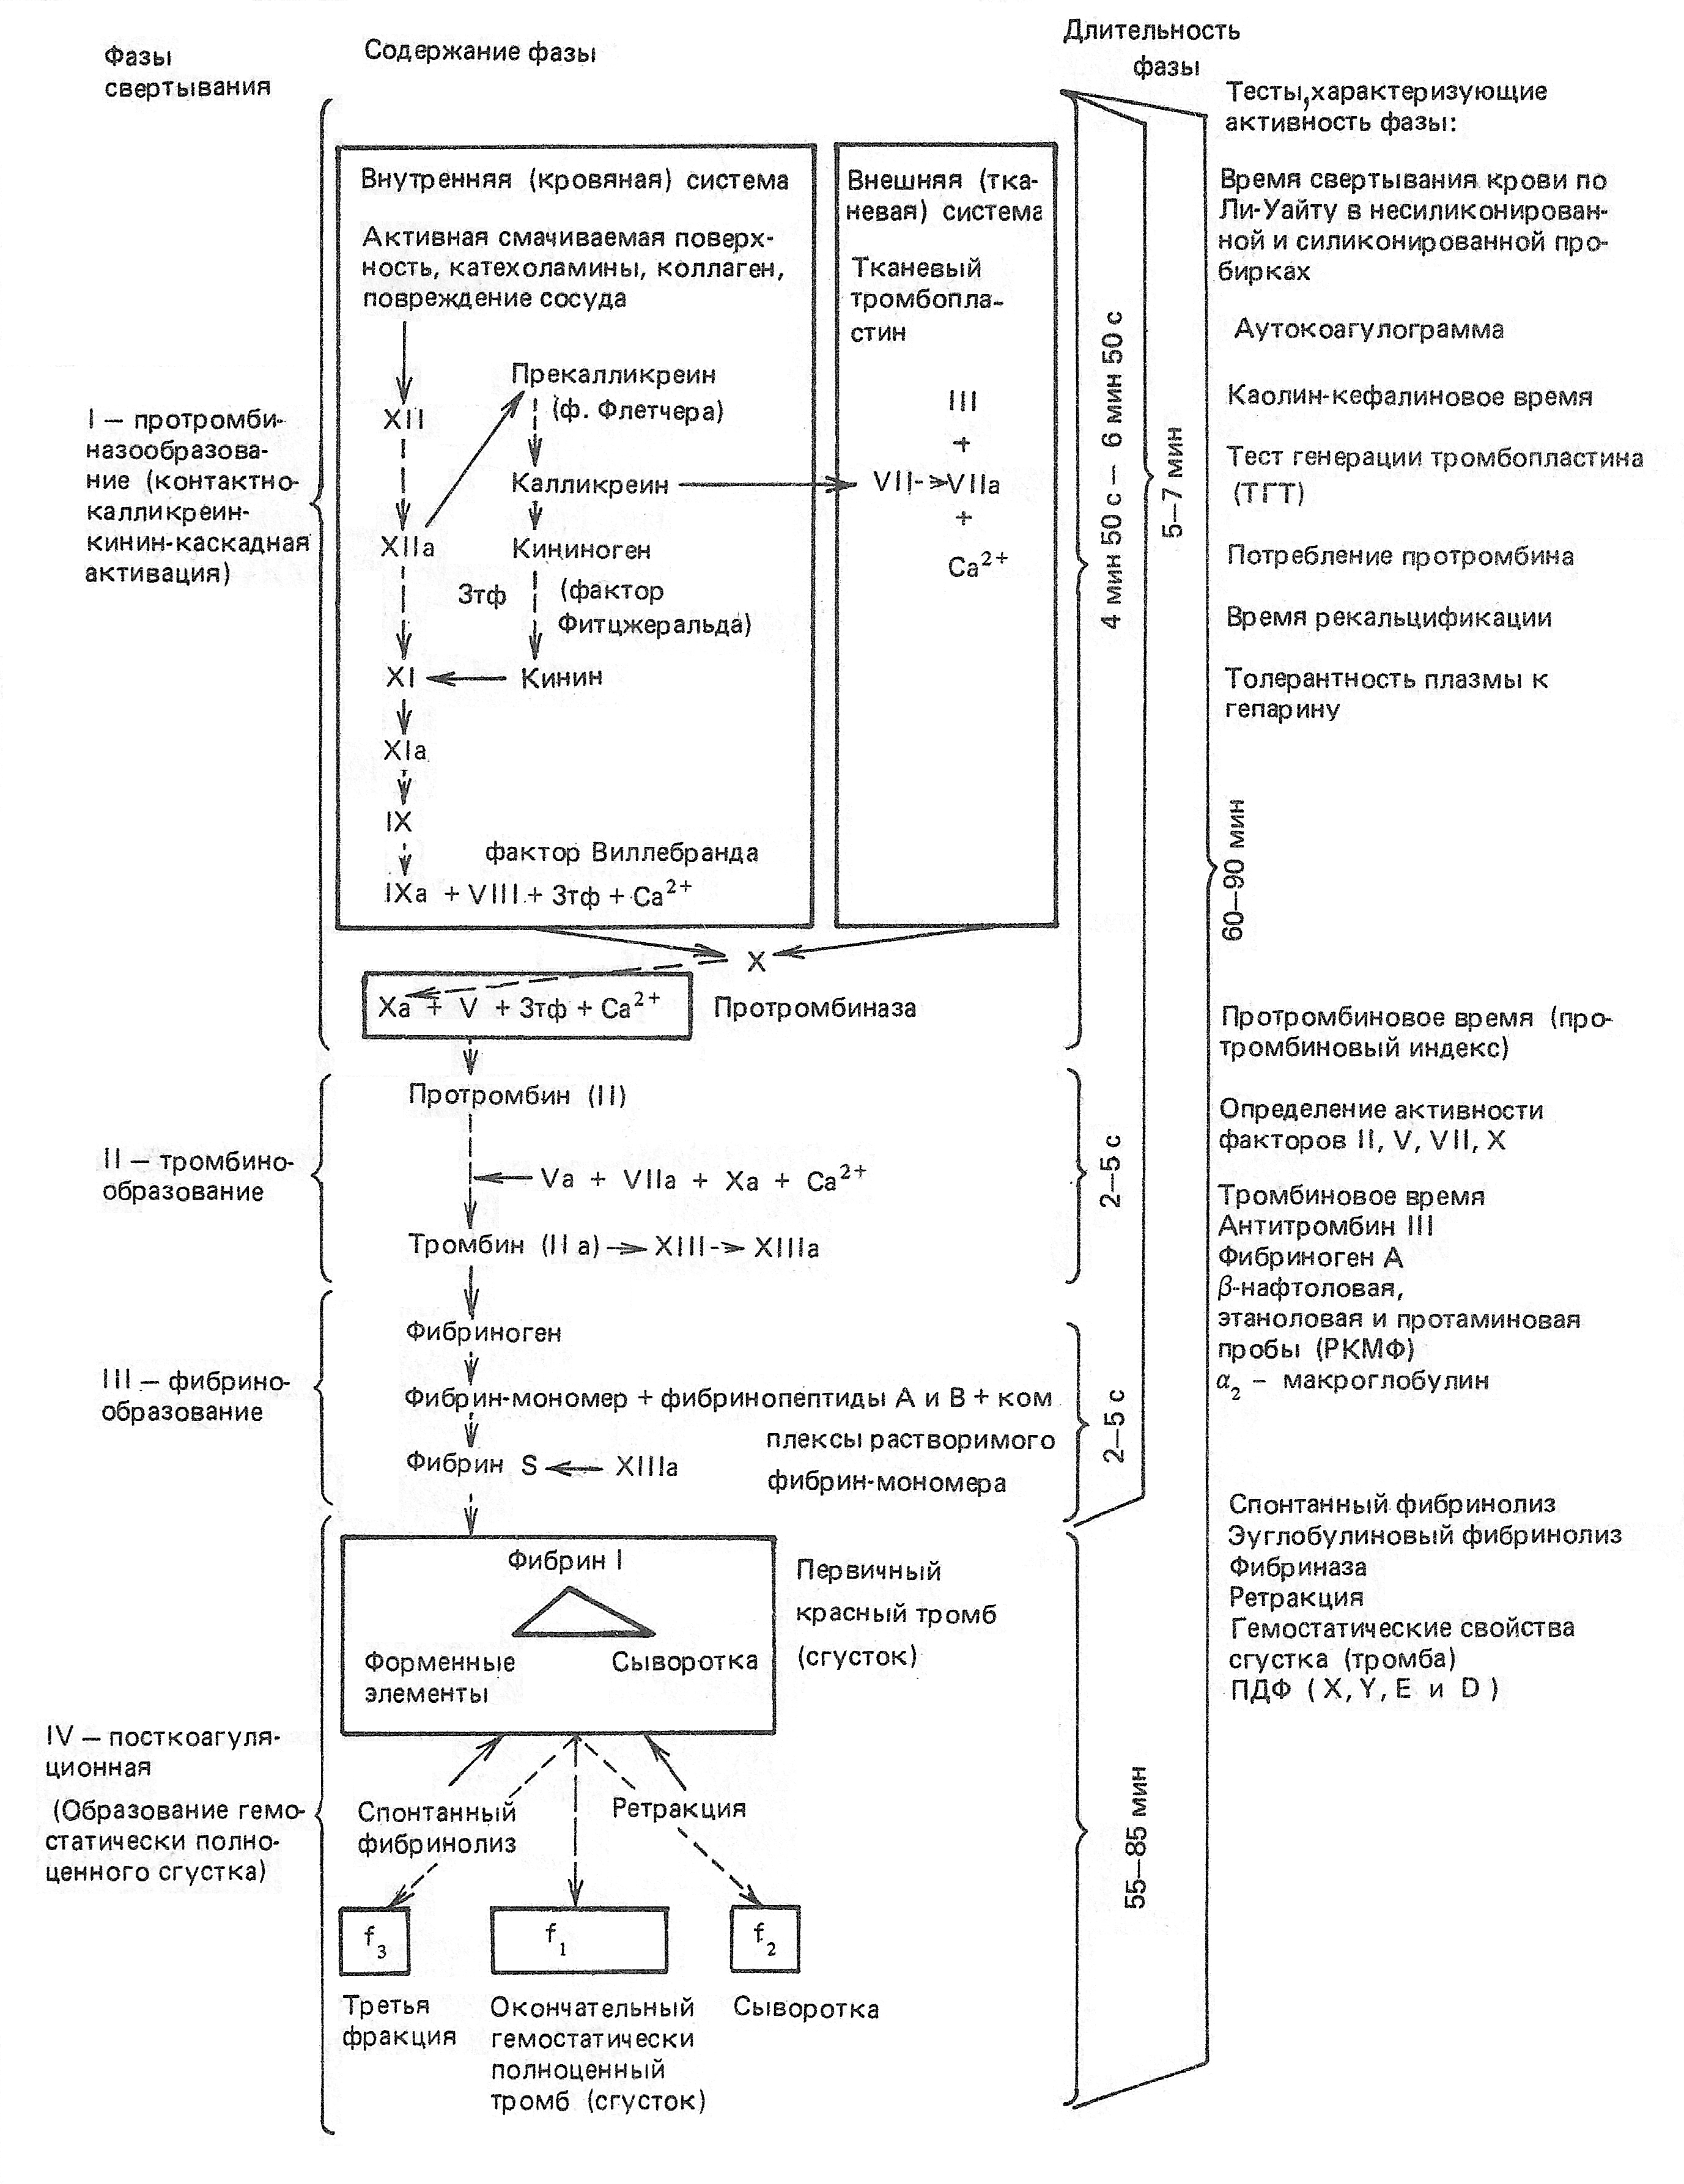 Методы исследования системы гемостаза Методы исследования первичного гемостаза